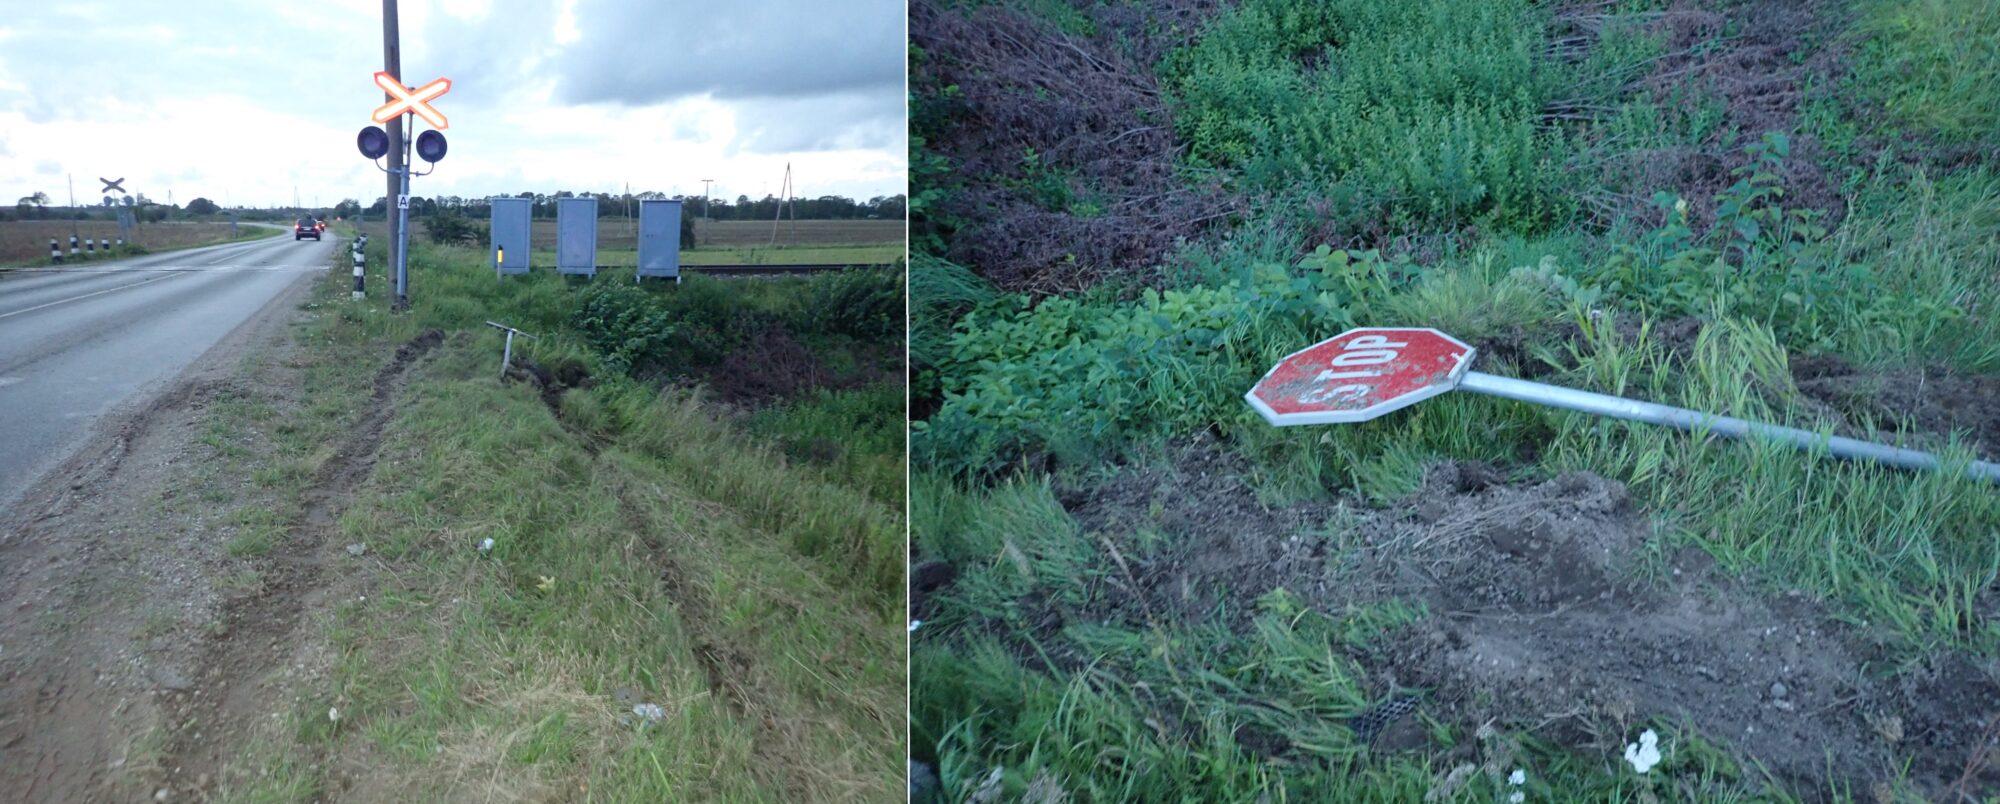 Grobiņas novadā sabojāta ceļa zīme. Meklē aculieciniekus